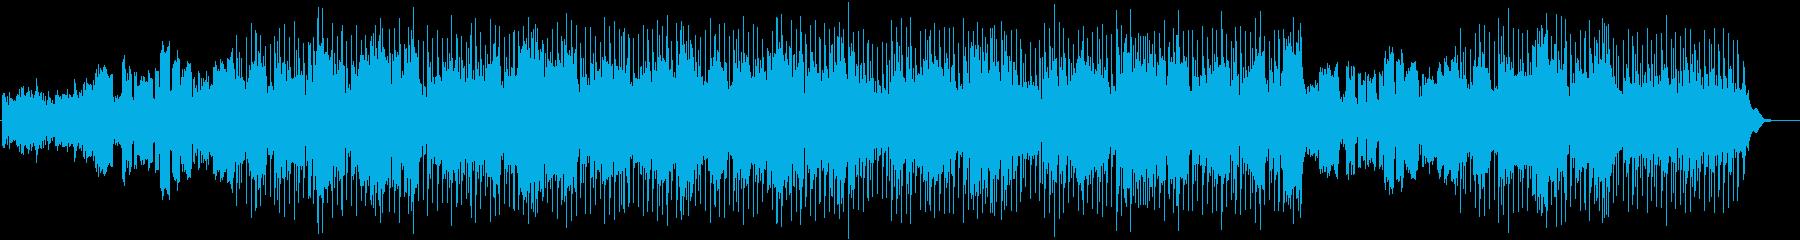 ヒーリング しっとり落ち着いたフルートの再生済みの波形